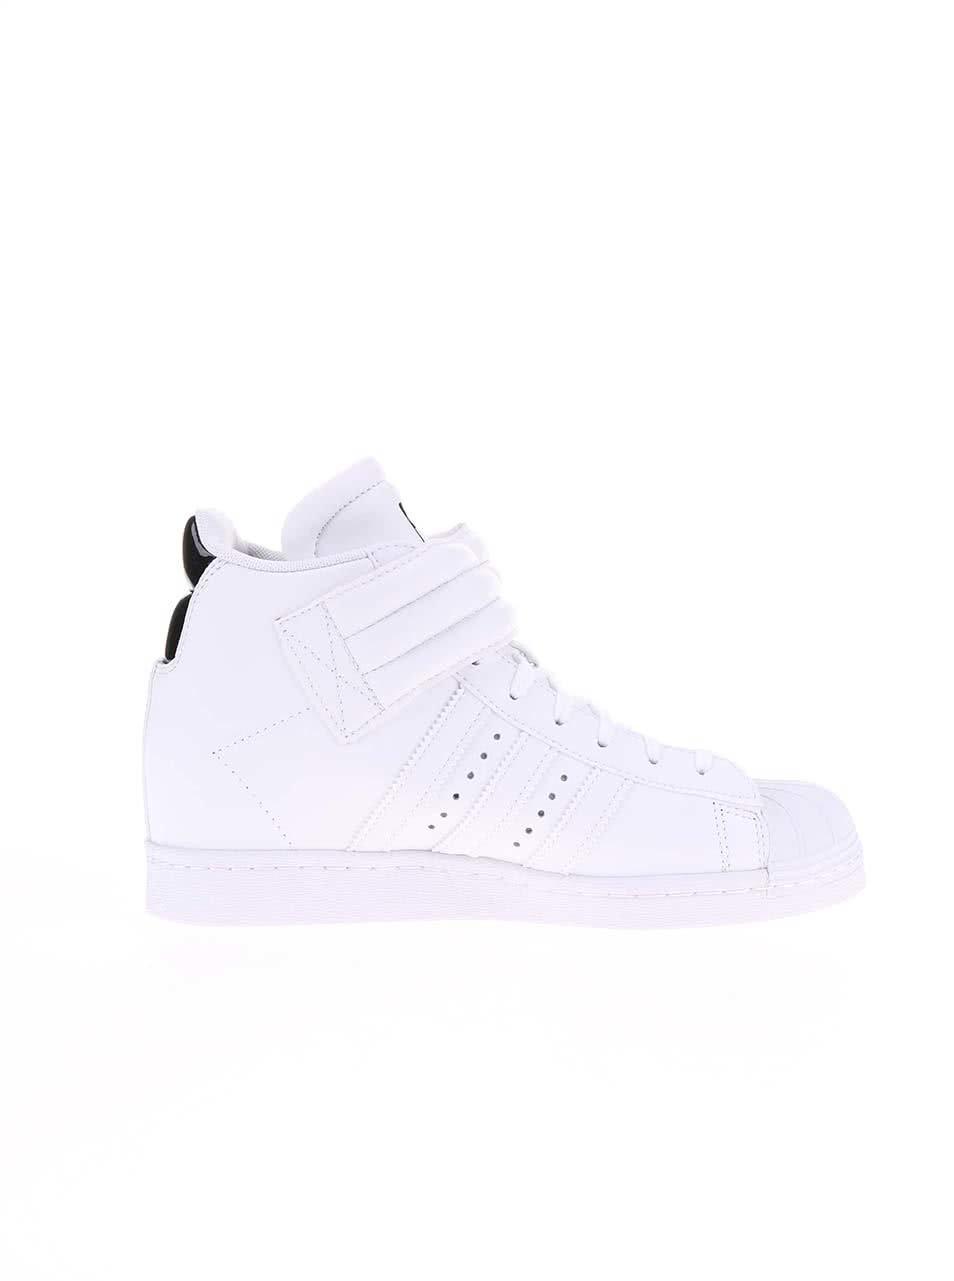 b5b993c9df Biele dámske členkové tenisky adidas Originals Superstar UP Strap ...